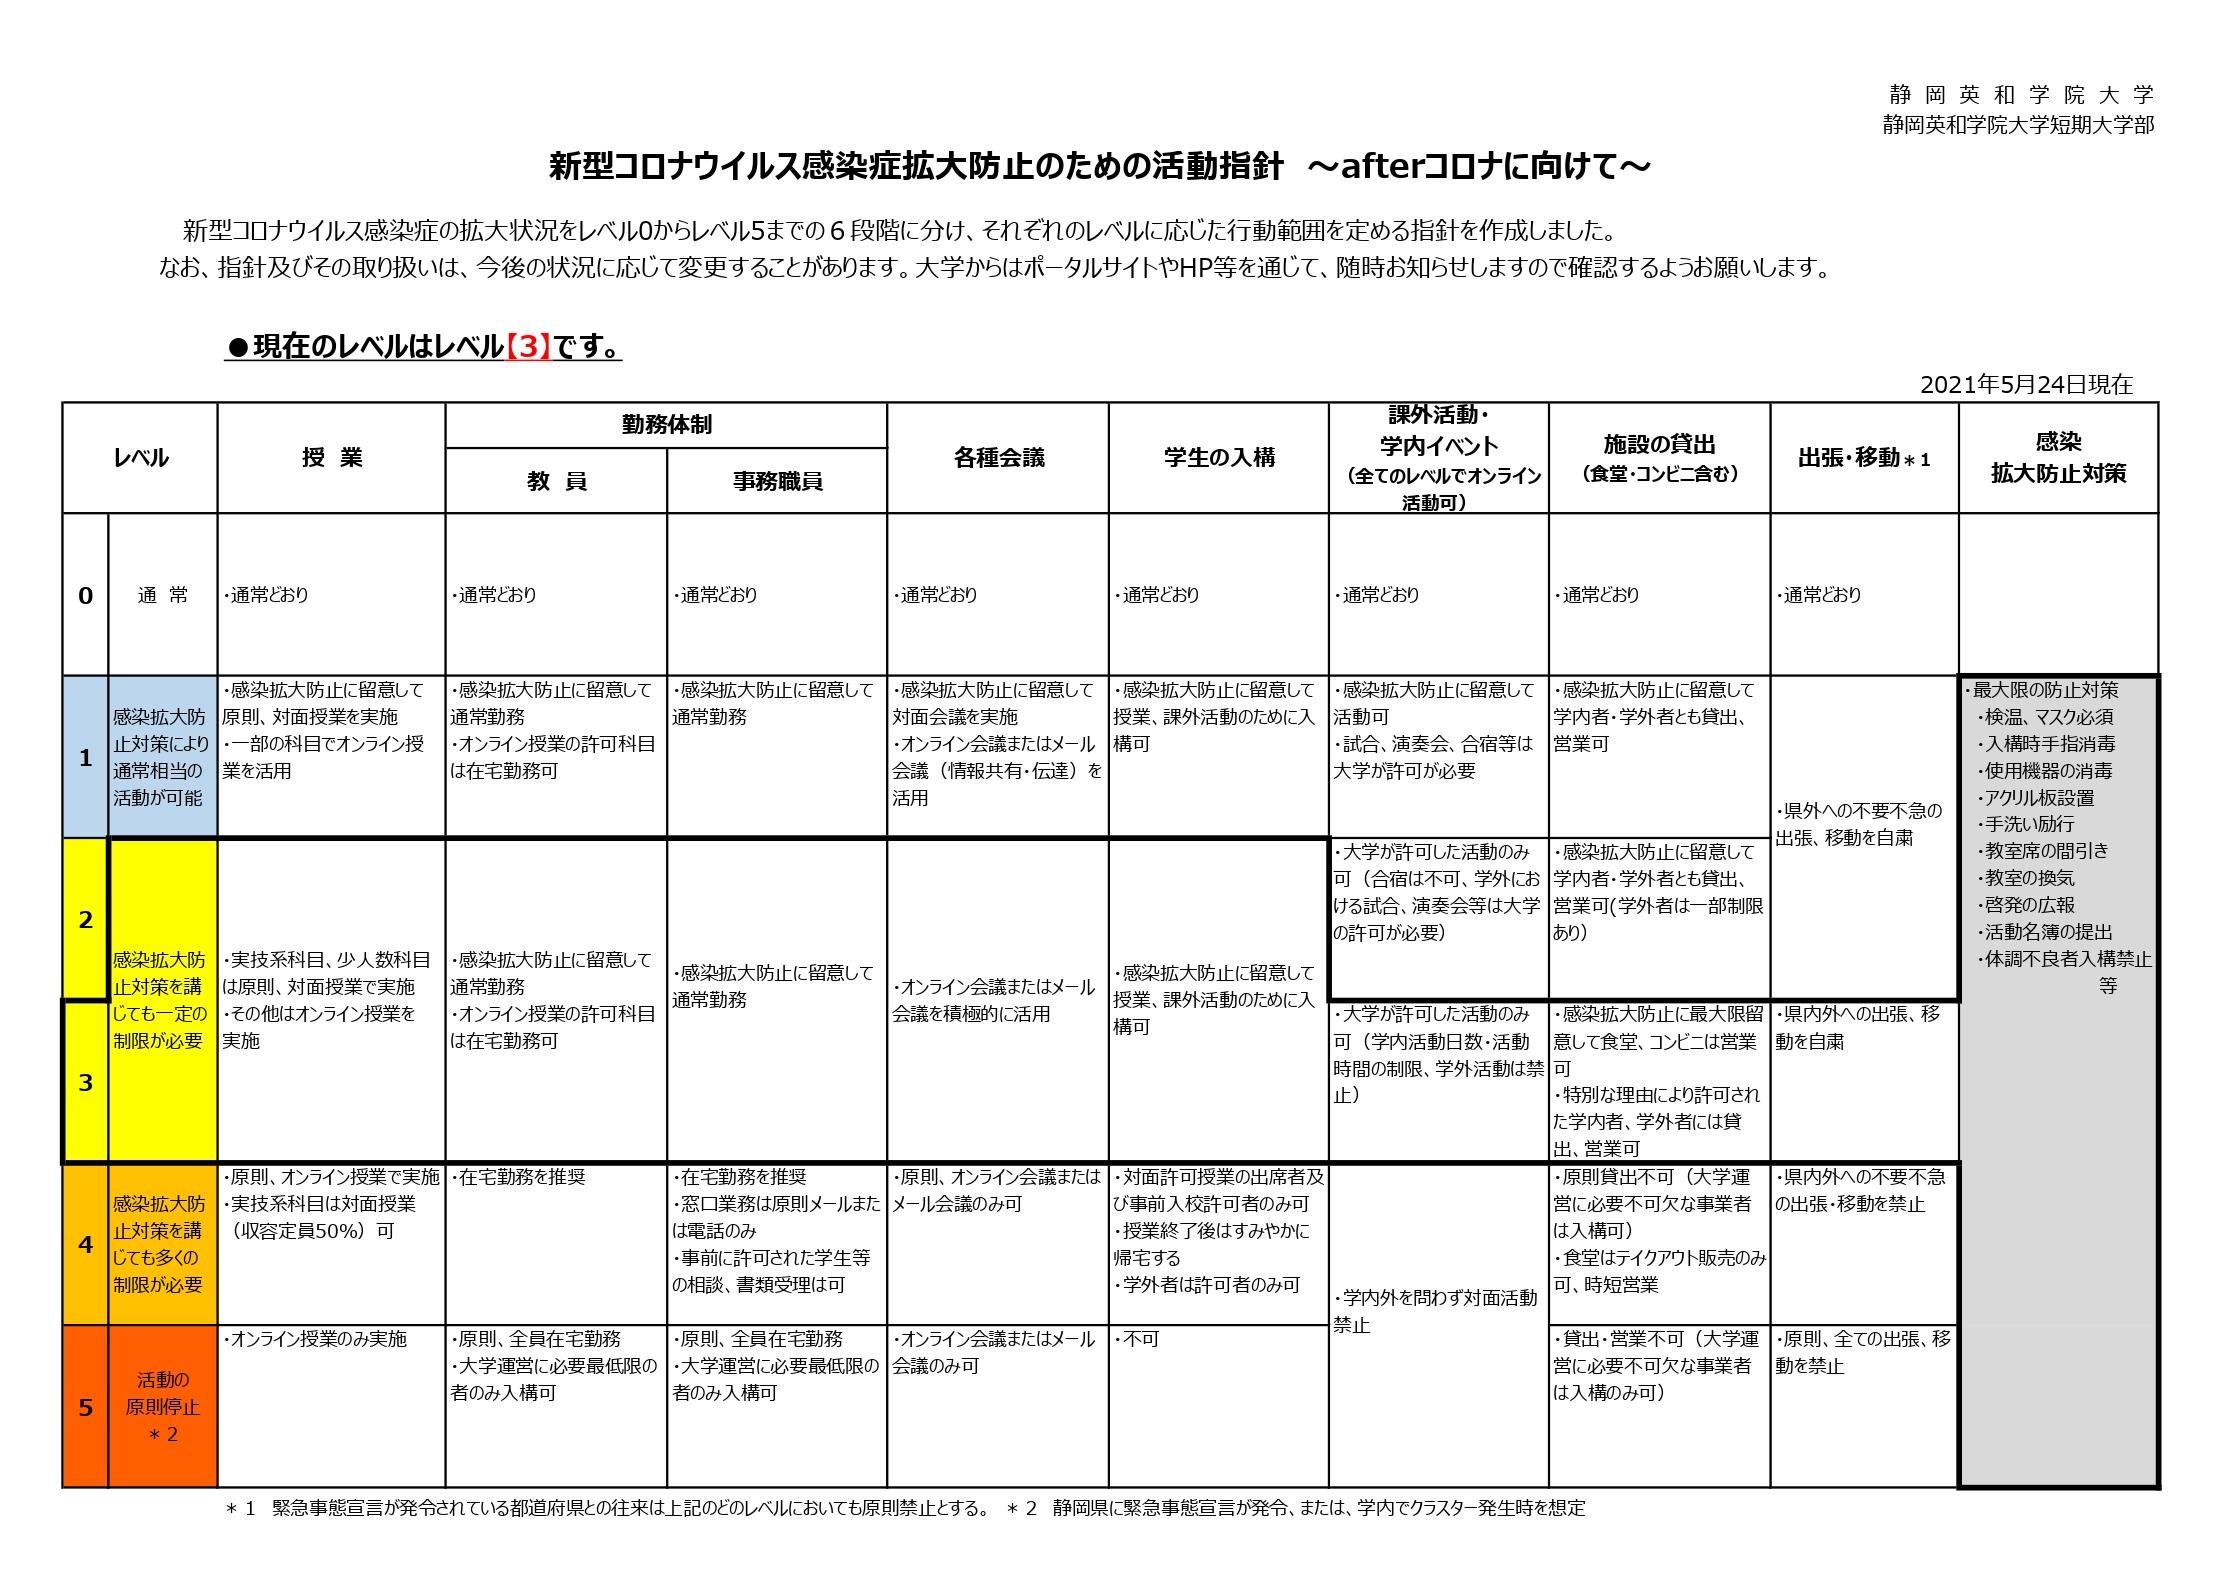 静岡 県 感染 者 ウイルス コロナ 新型コロナウイルス最新情報